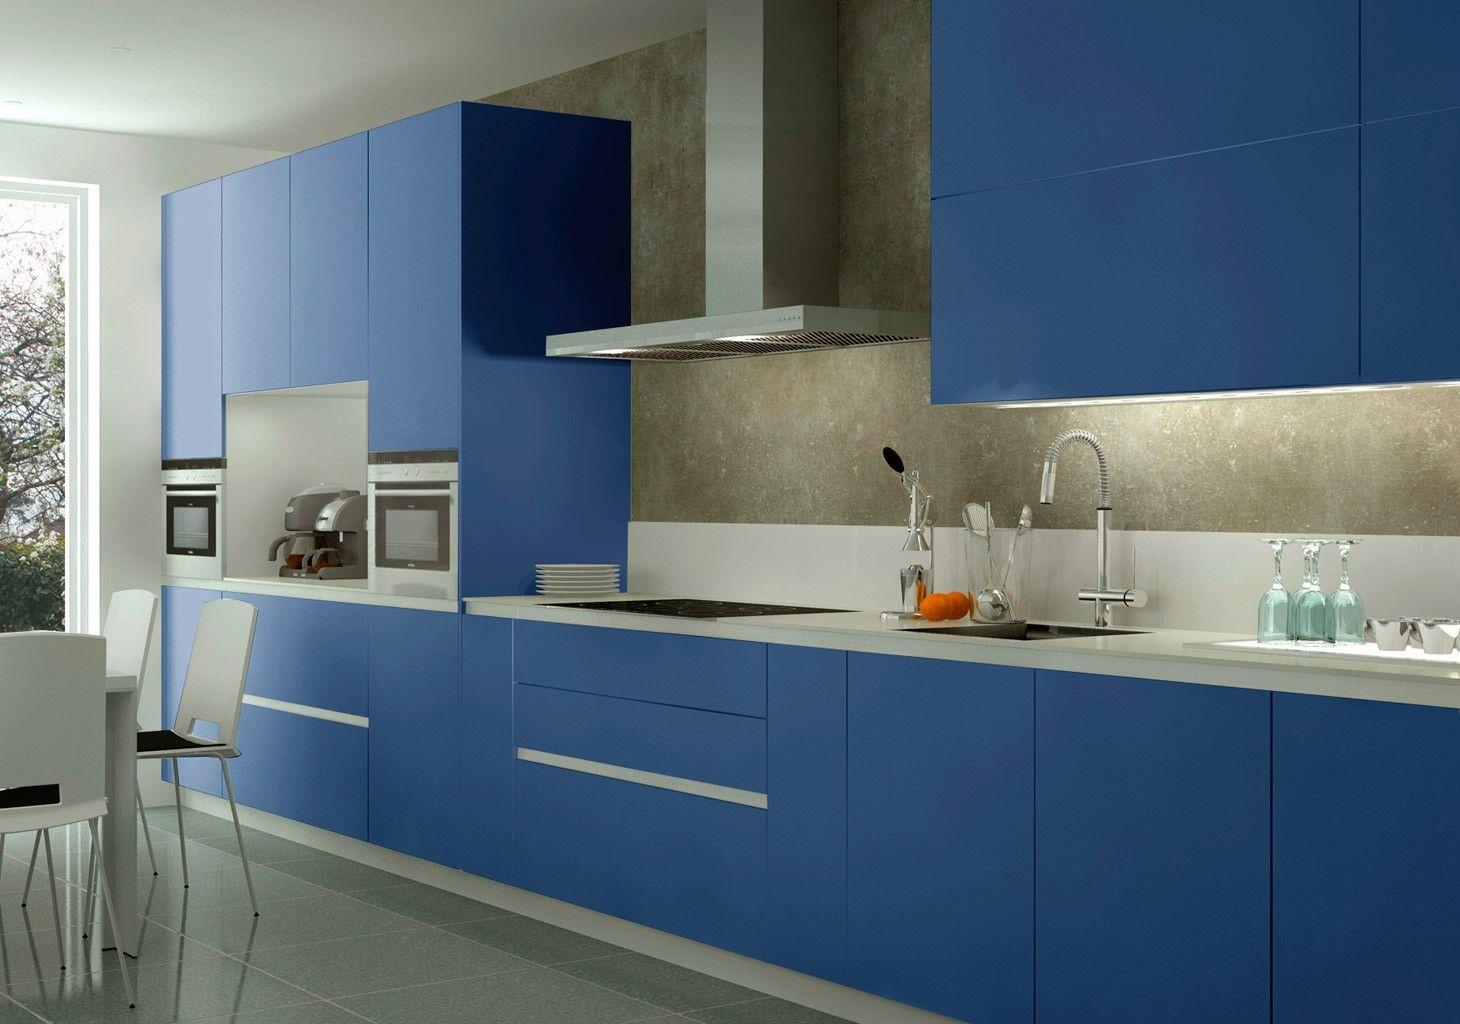 5 colores para tus muebles de cocina, ¿te atreves? | Muebles de ...